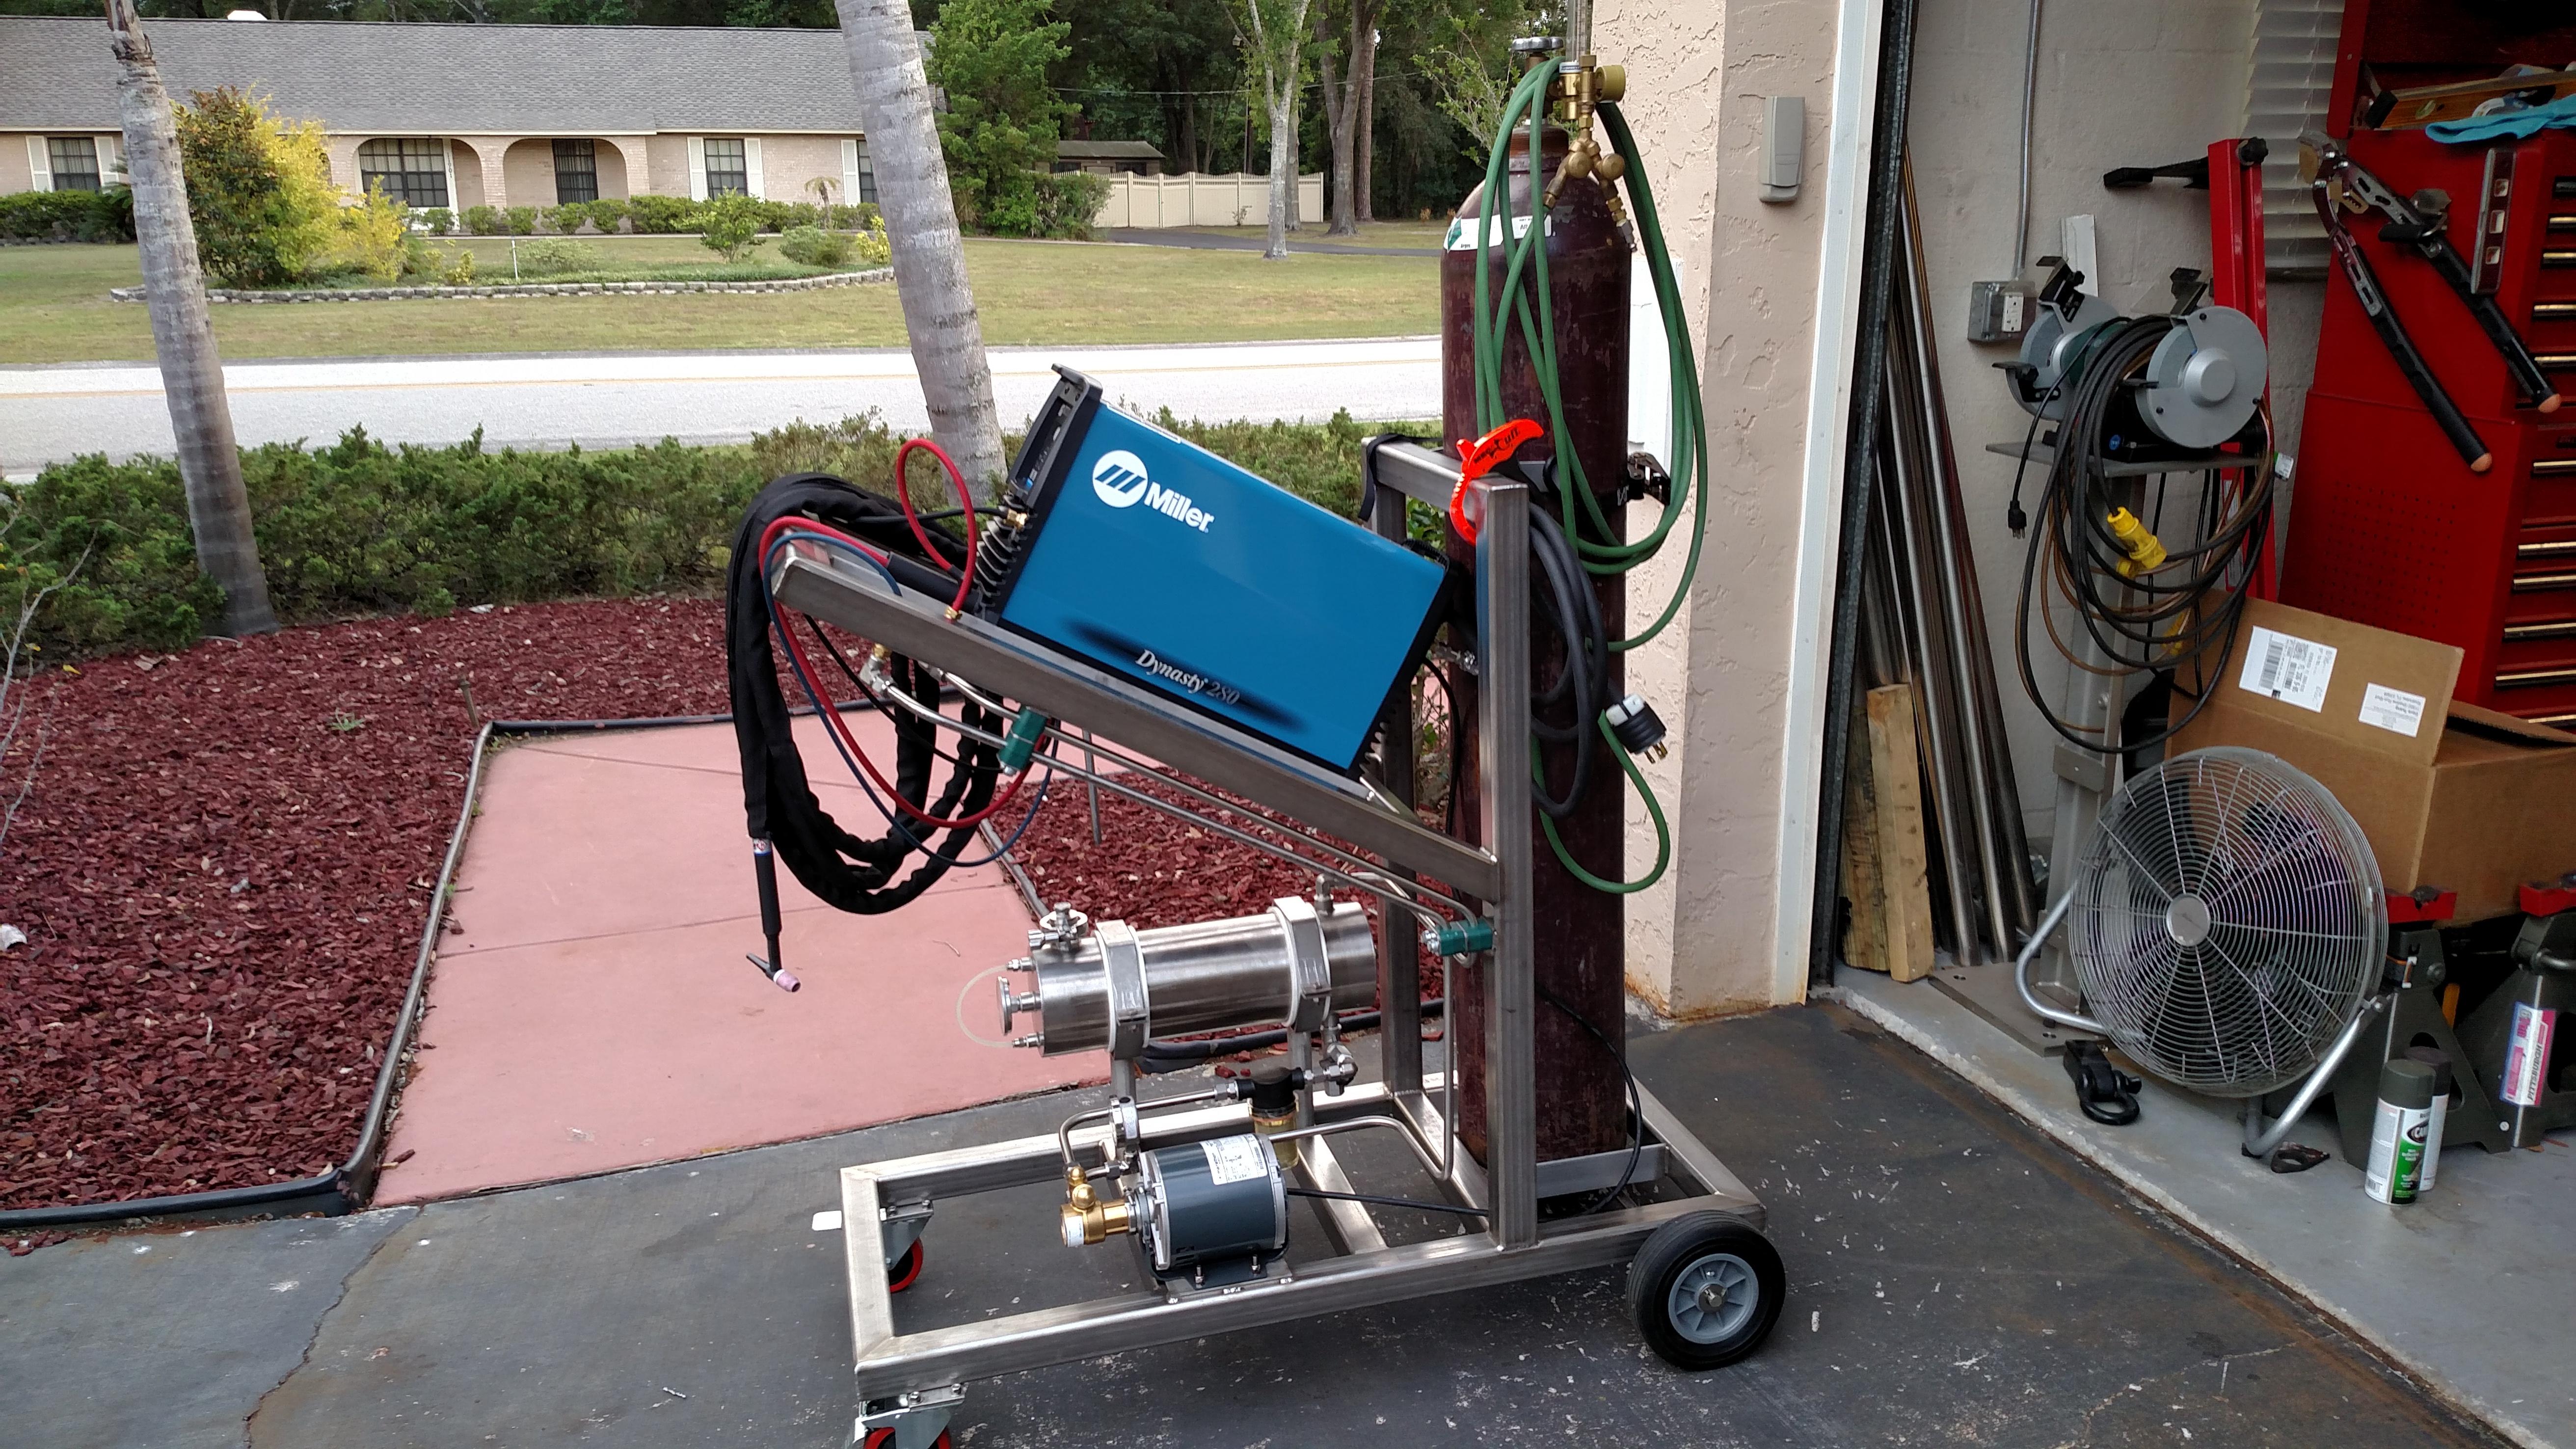 Stainless Cart For The New Welder Miller Welding